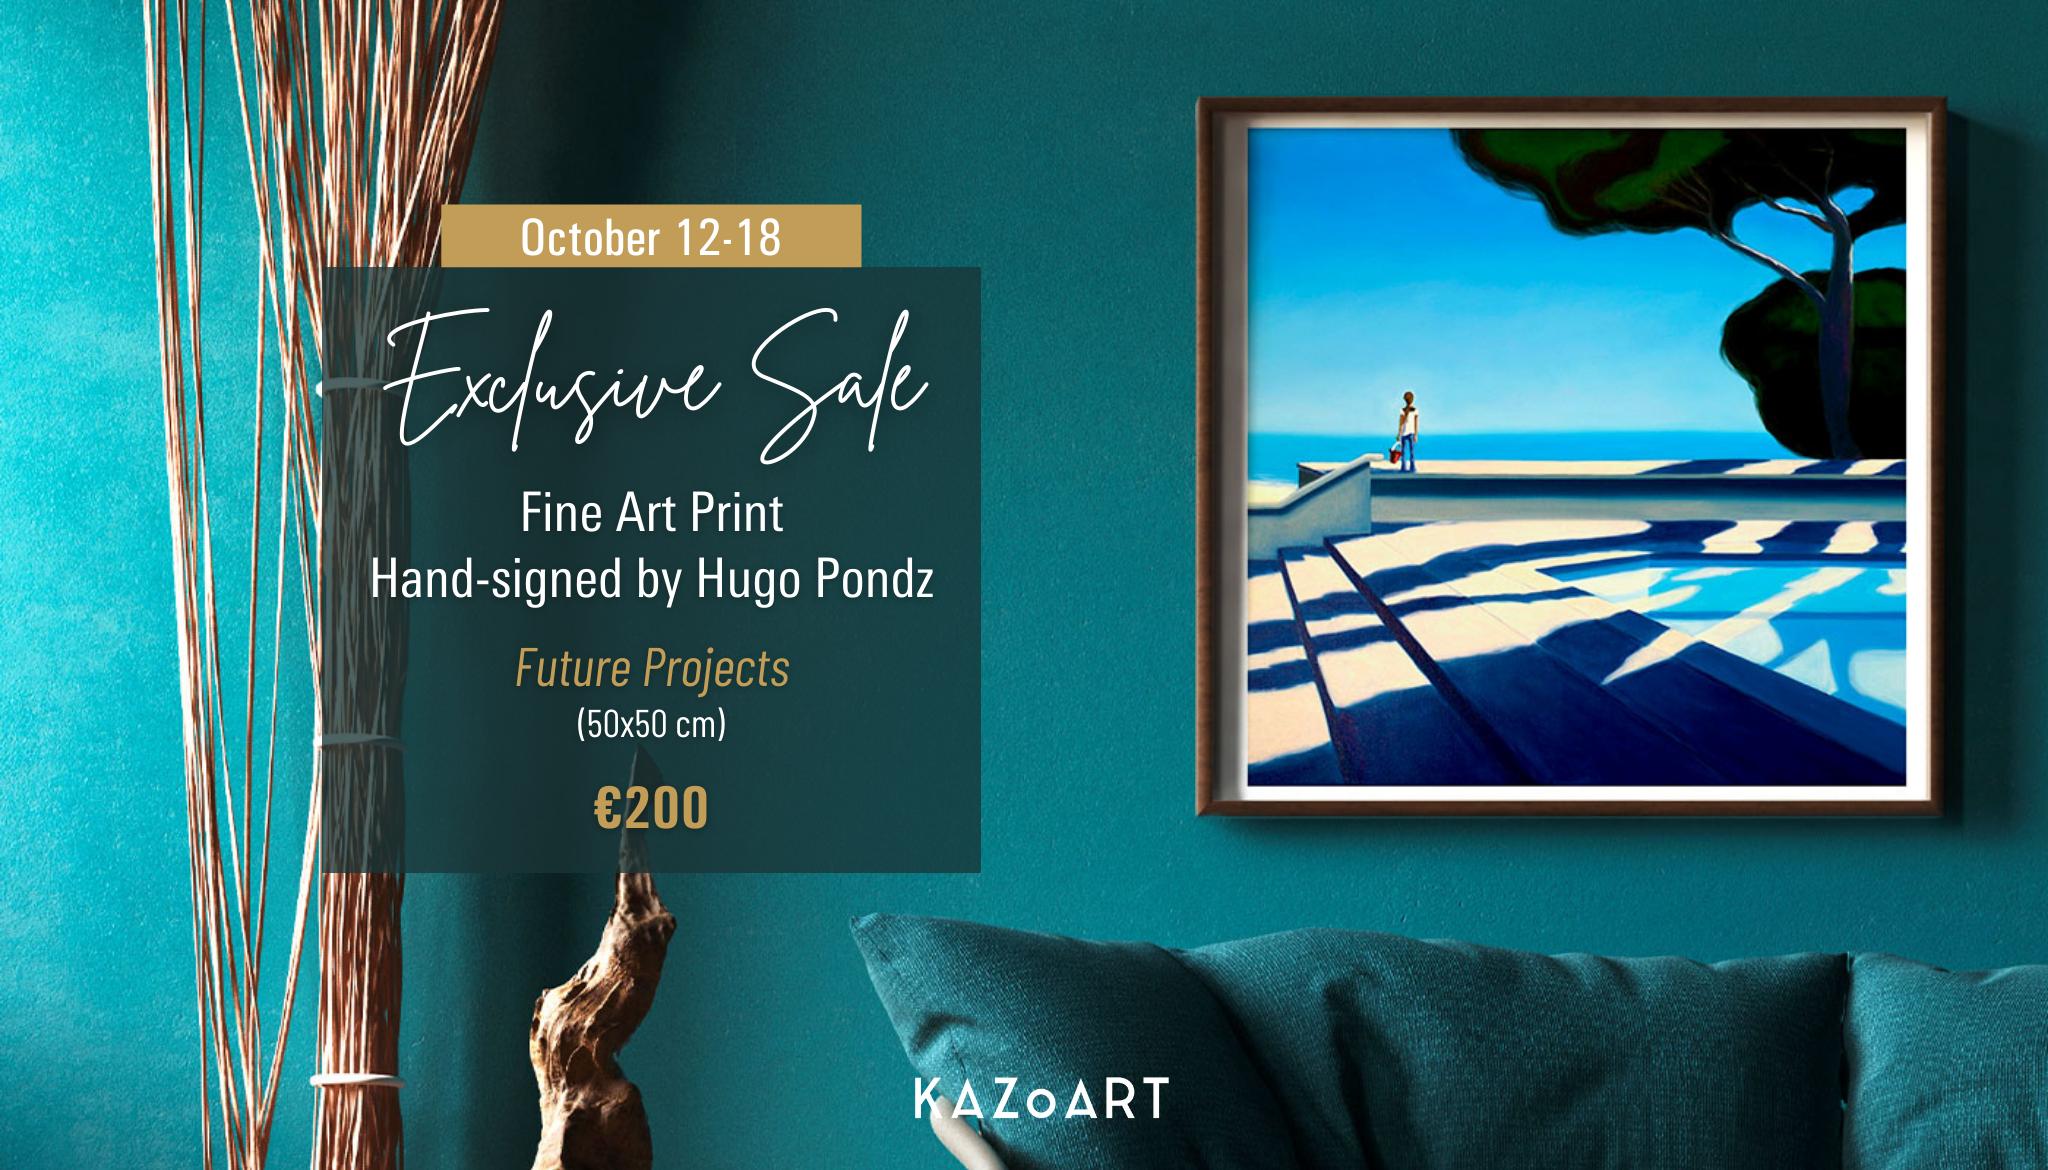 hugo pondz exclusive sale